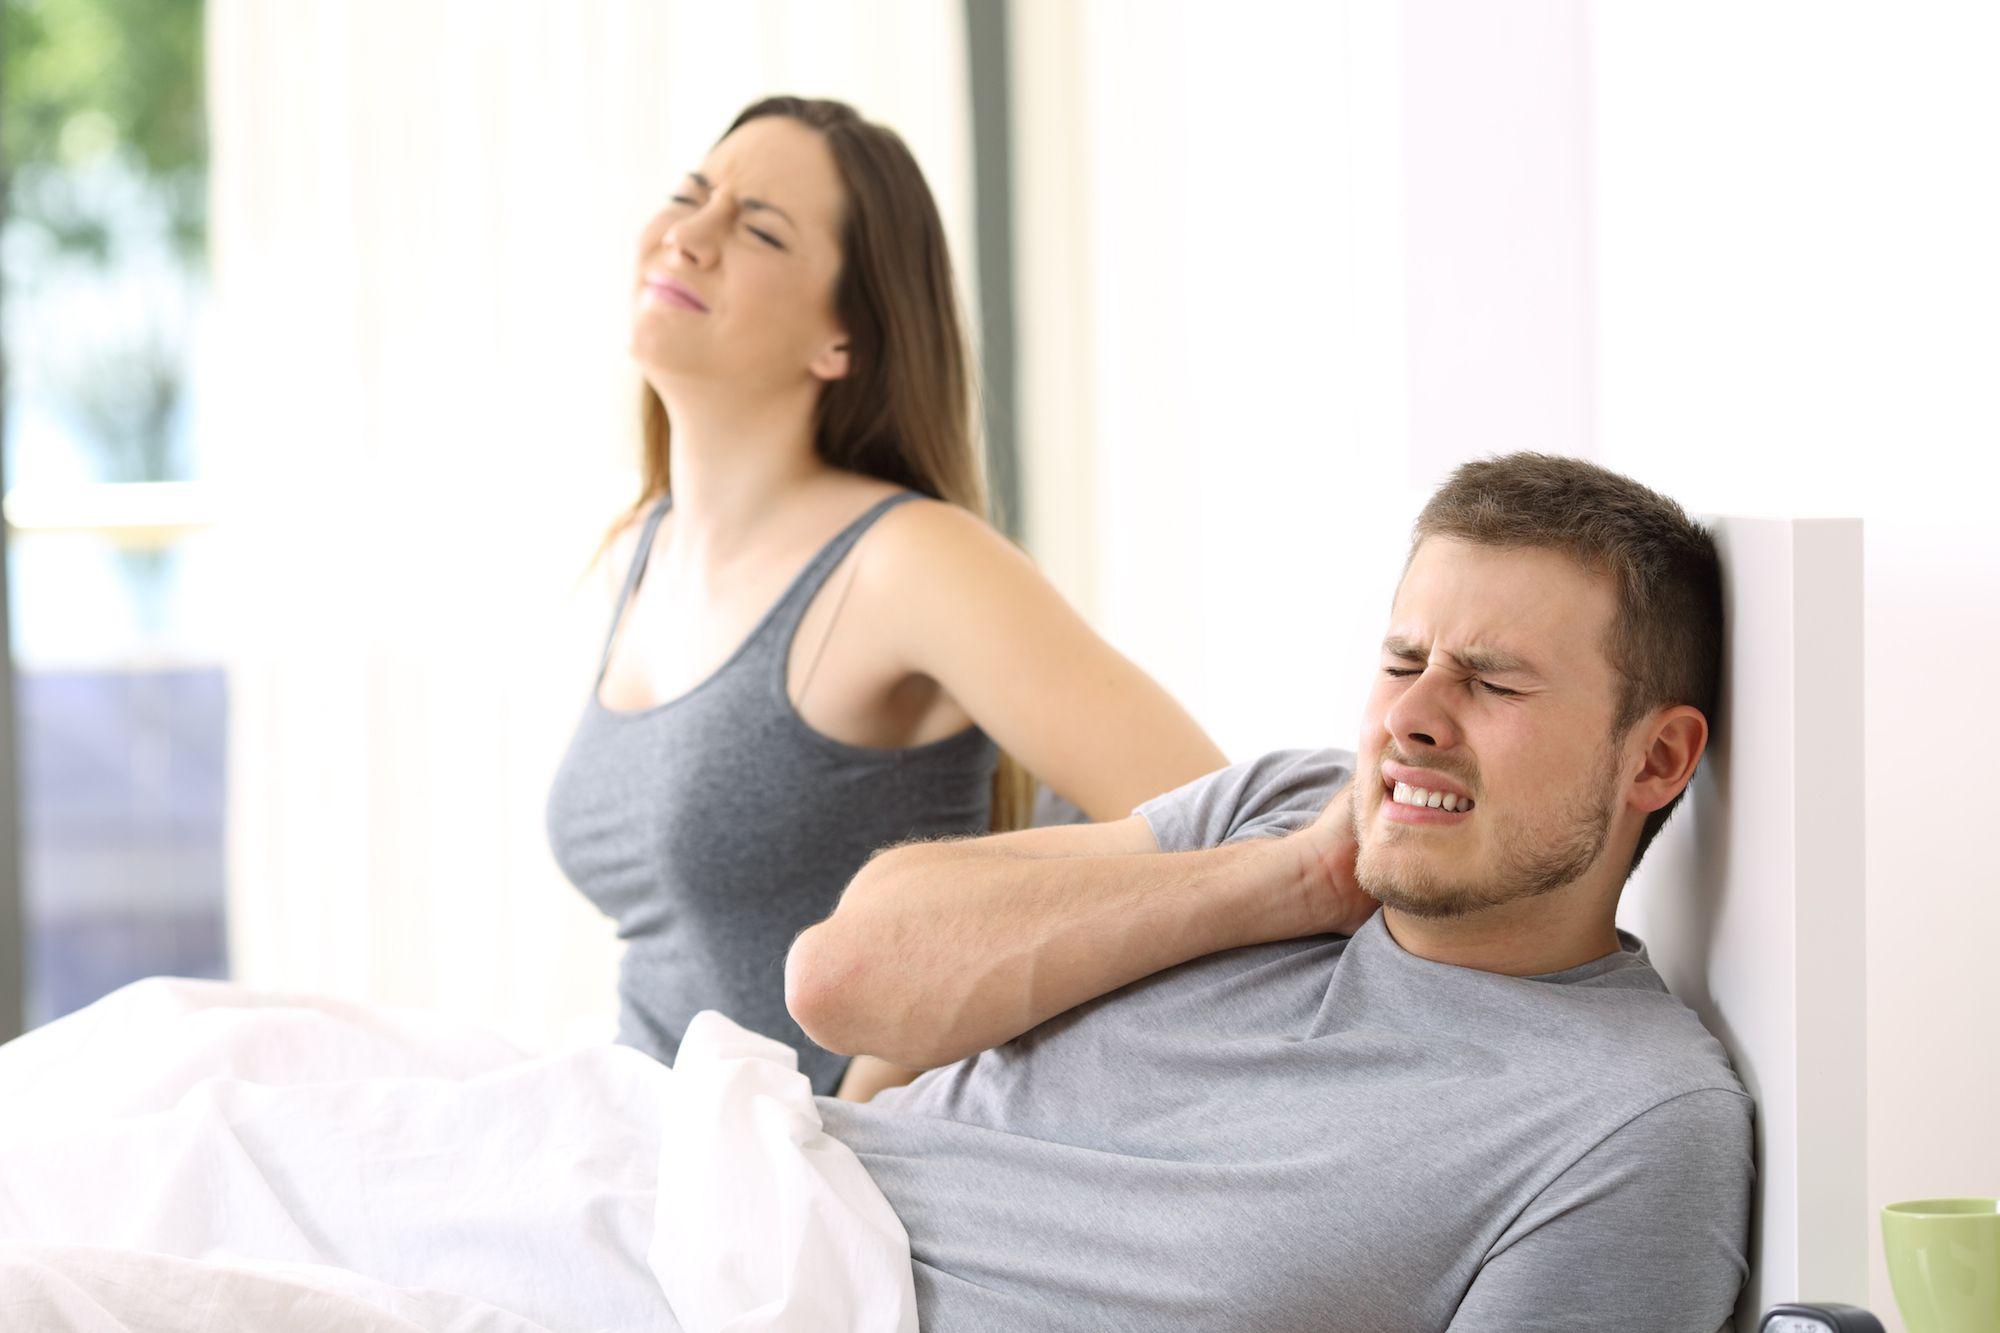 رابطه زناشویی بعد از عمل دیسک کمر